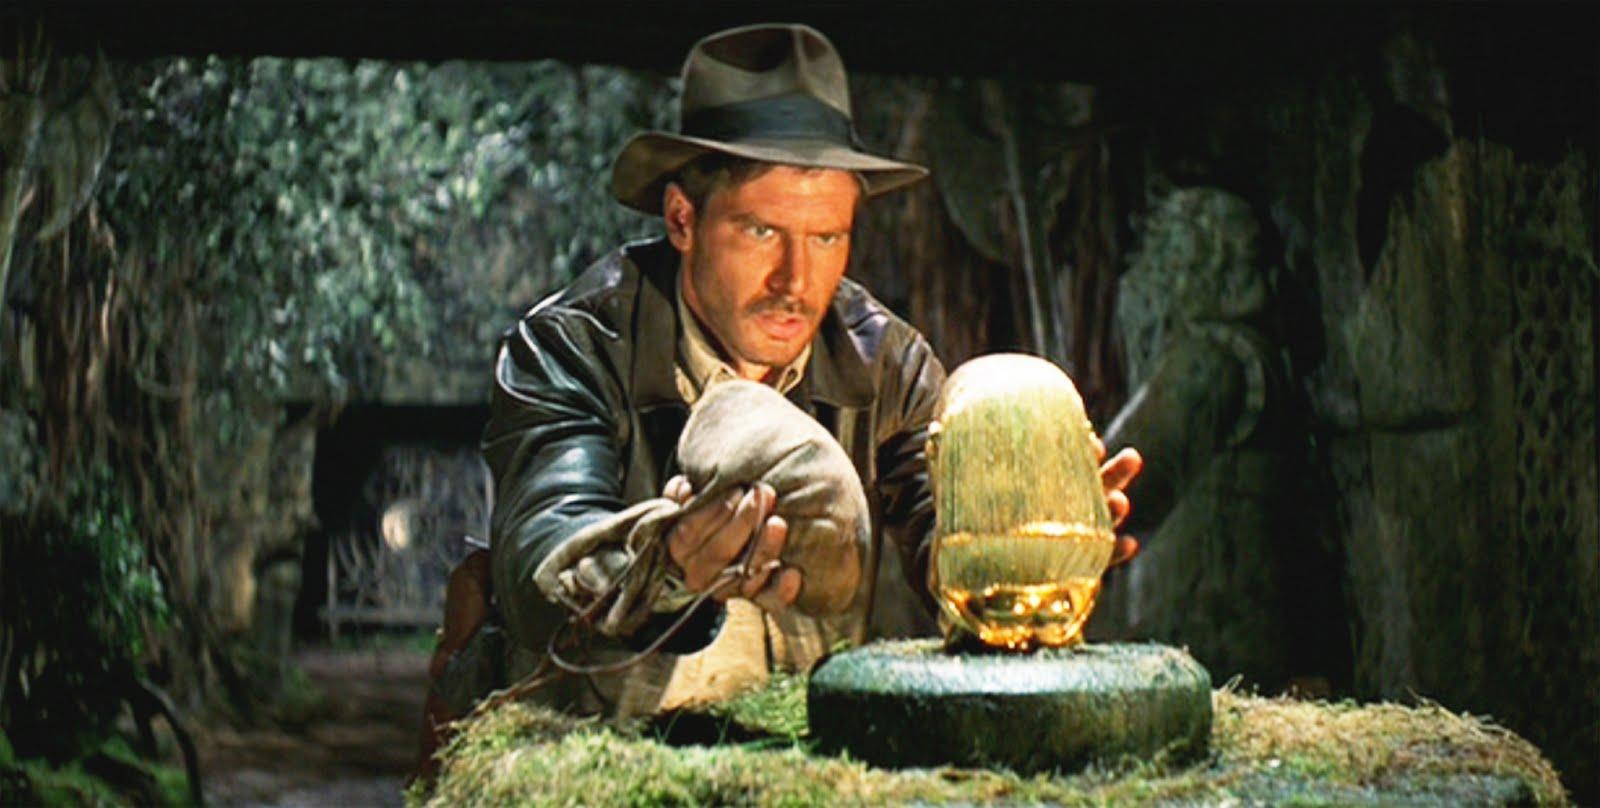 La quinta entrega de Indiana Jones se retrasa hasta 2021 91669884771